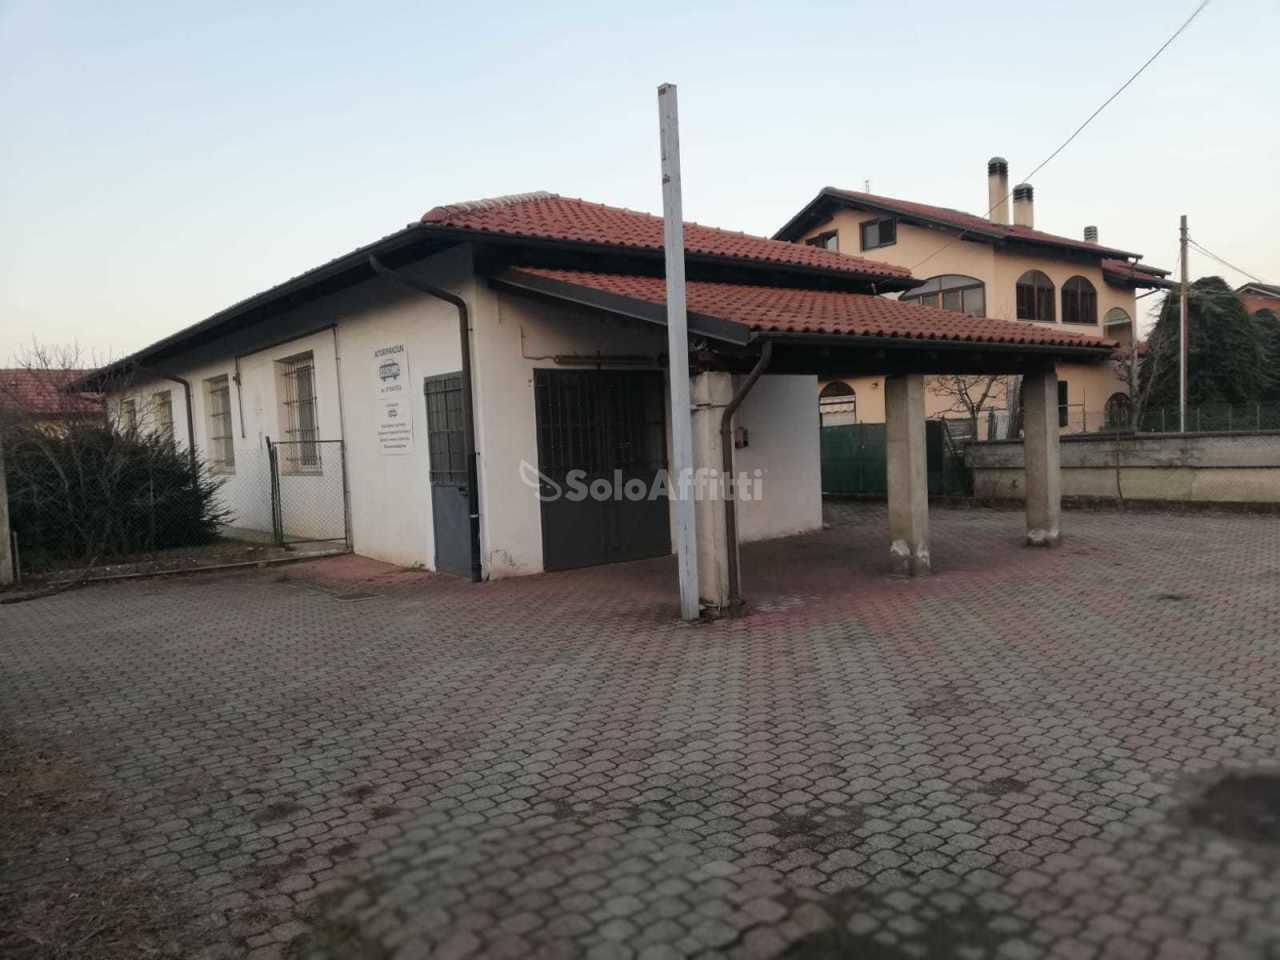 Negozio / Locale in affitto a Rivalta di Torino, 1 locali, Trattative riservate | PortaleAgenzieImmobiliari.it